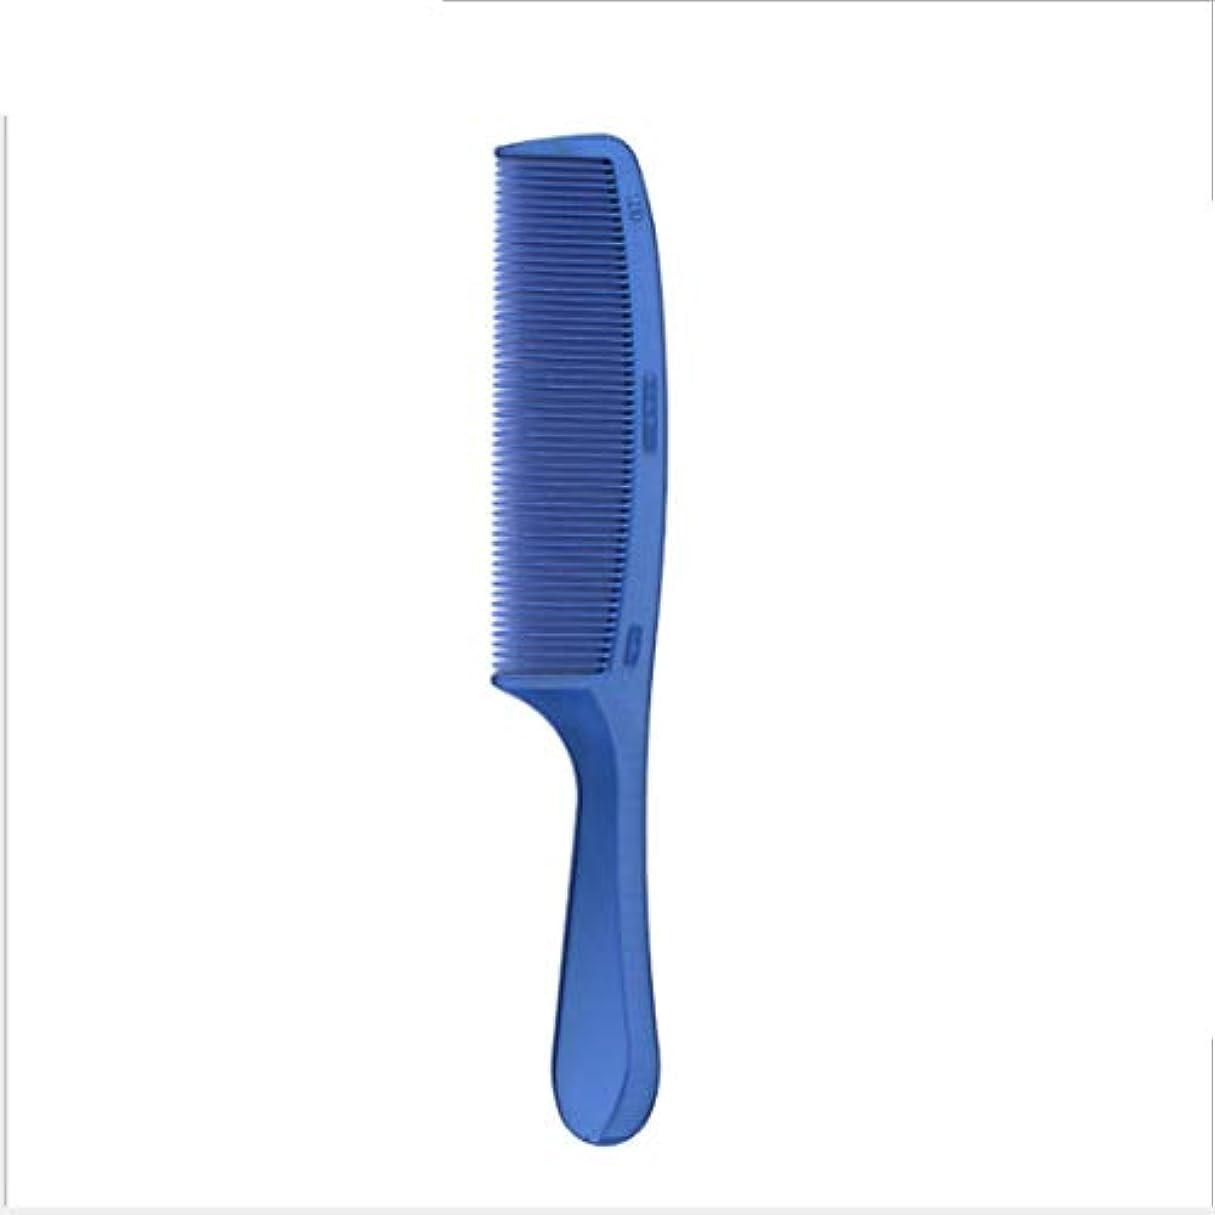 手当平和的マルクス主義者(メイクコーム、ナイロンコーム、フラットコーム)女性や男性のためのプラスチック製の髪の櫛静電気防止髪カット特別な櫛ナチュラルカラーブルー ヘアケア (サイズ : 128)